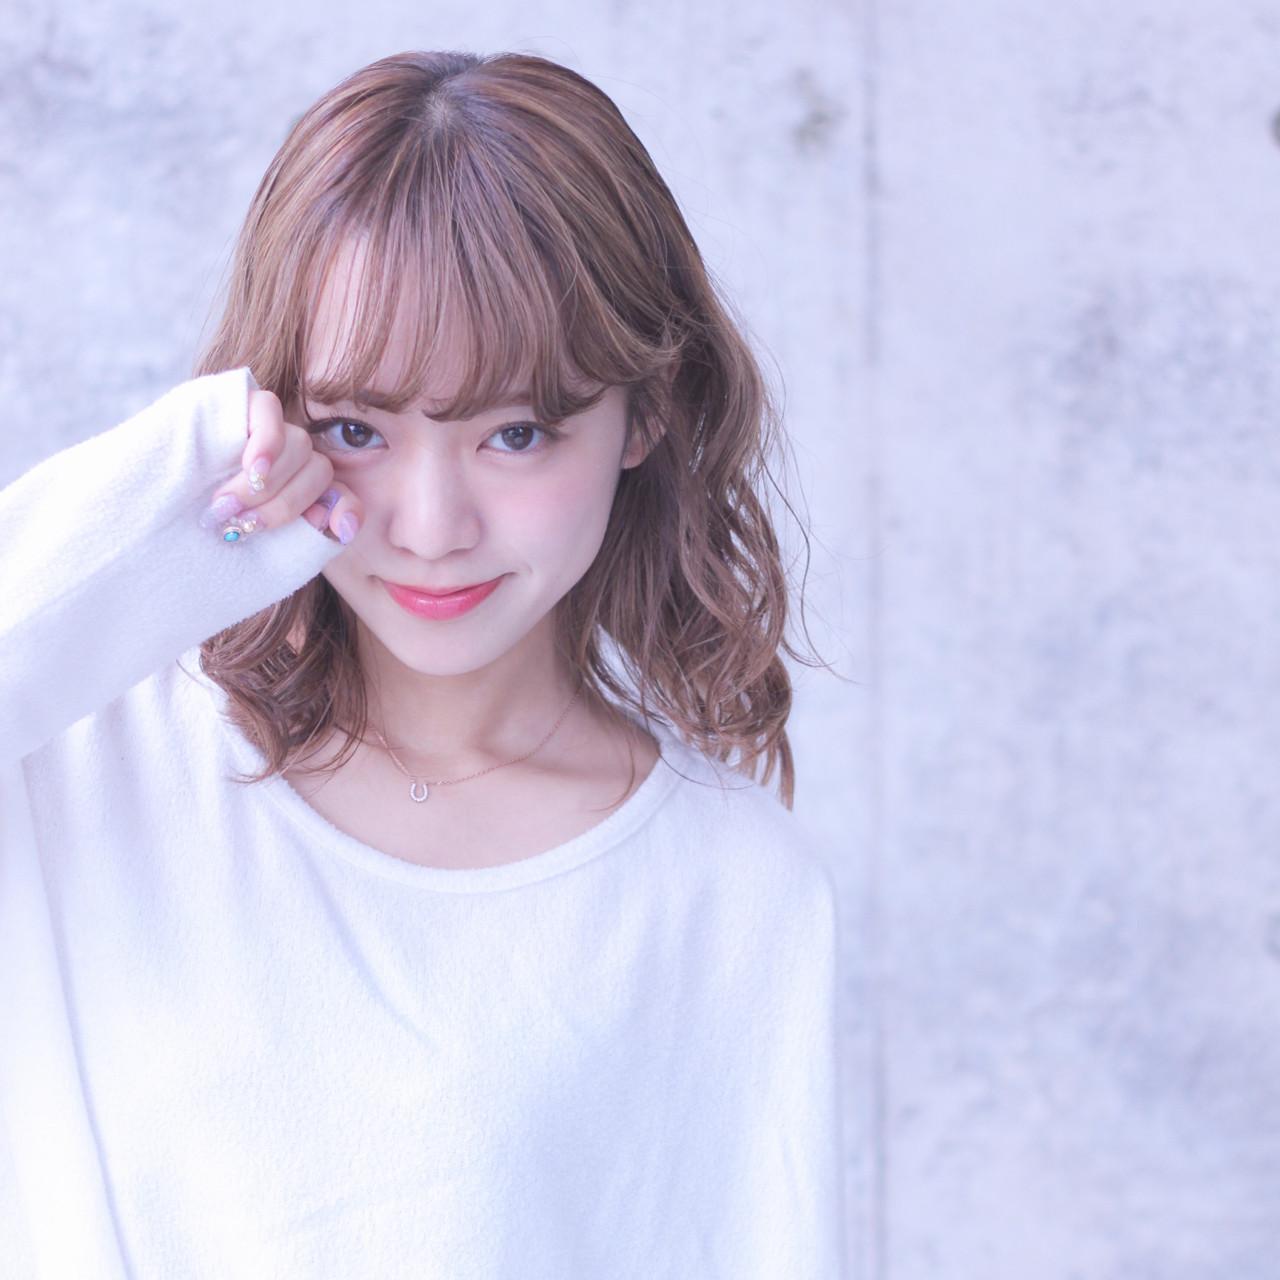 パーマ シースルーバング ミルクティーベージュ フェミニン ヘアスタイルや髪型の写真・画像 | Wataru Maeda / cache cache